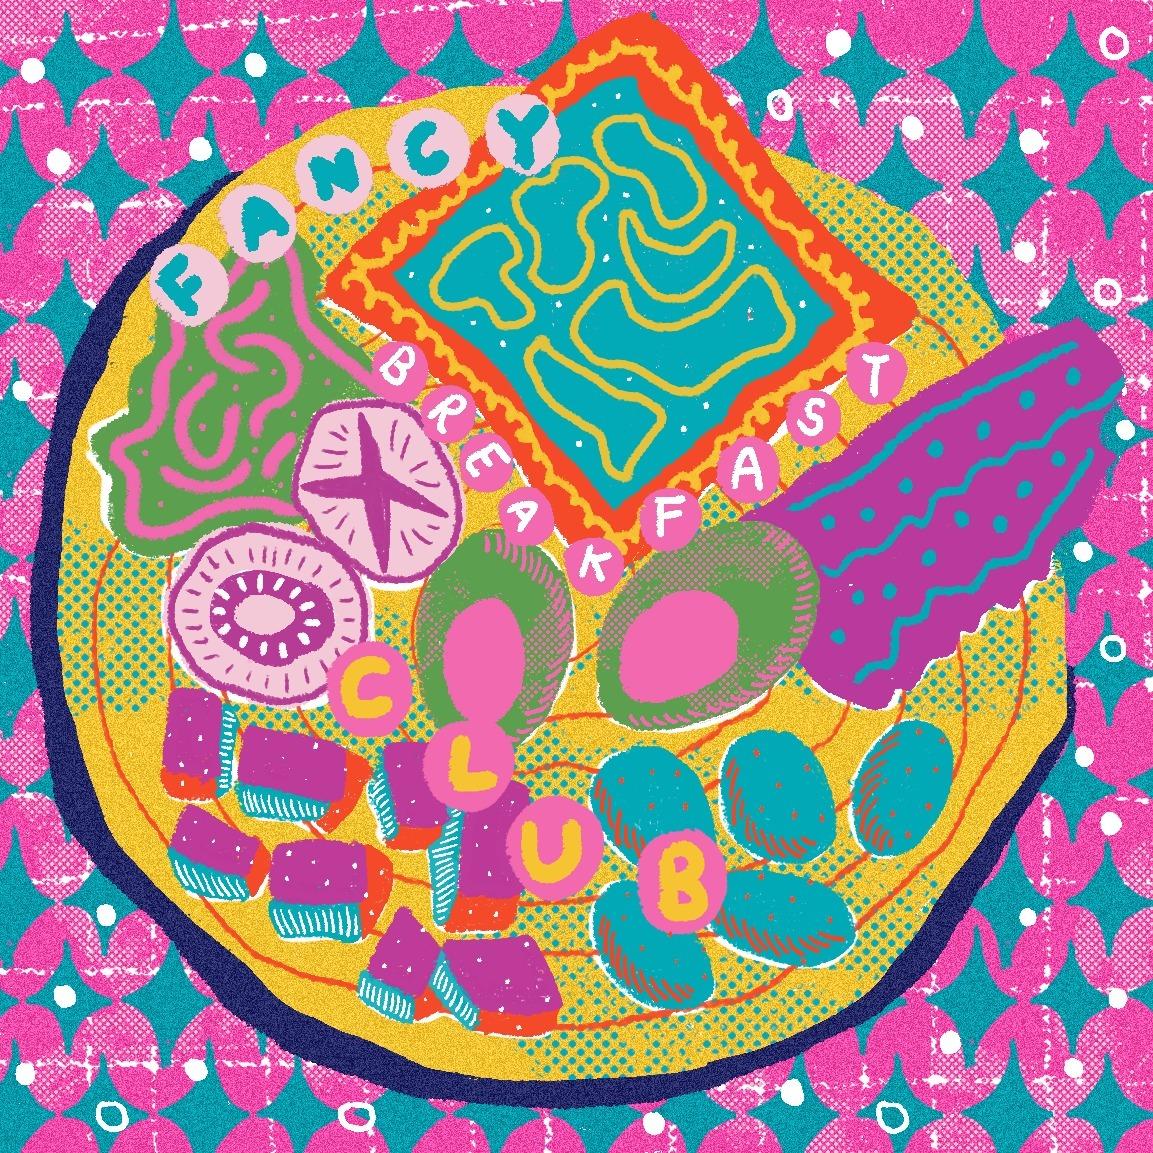 zilinyee (@zilinyee) Cover Image